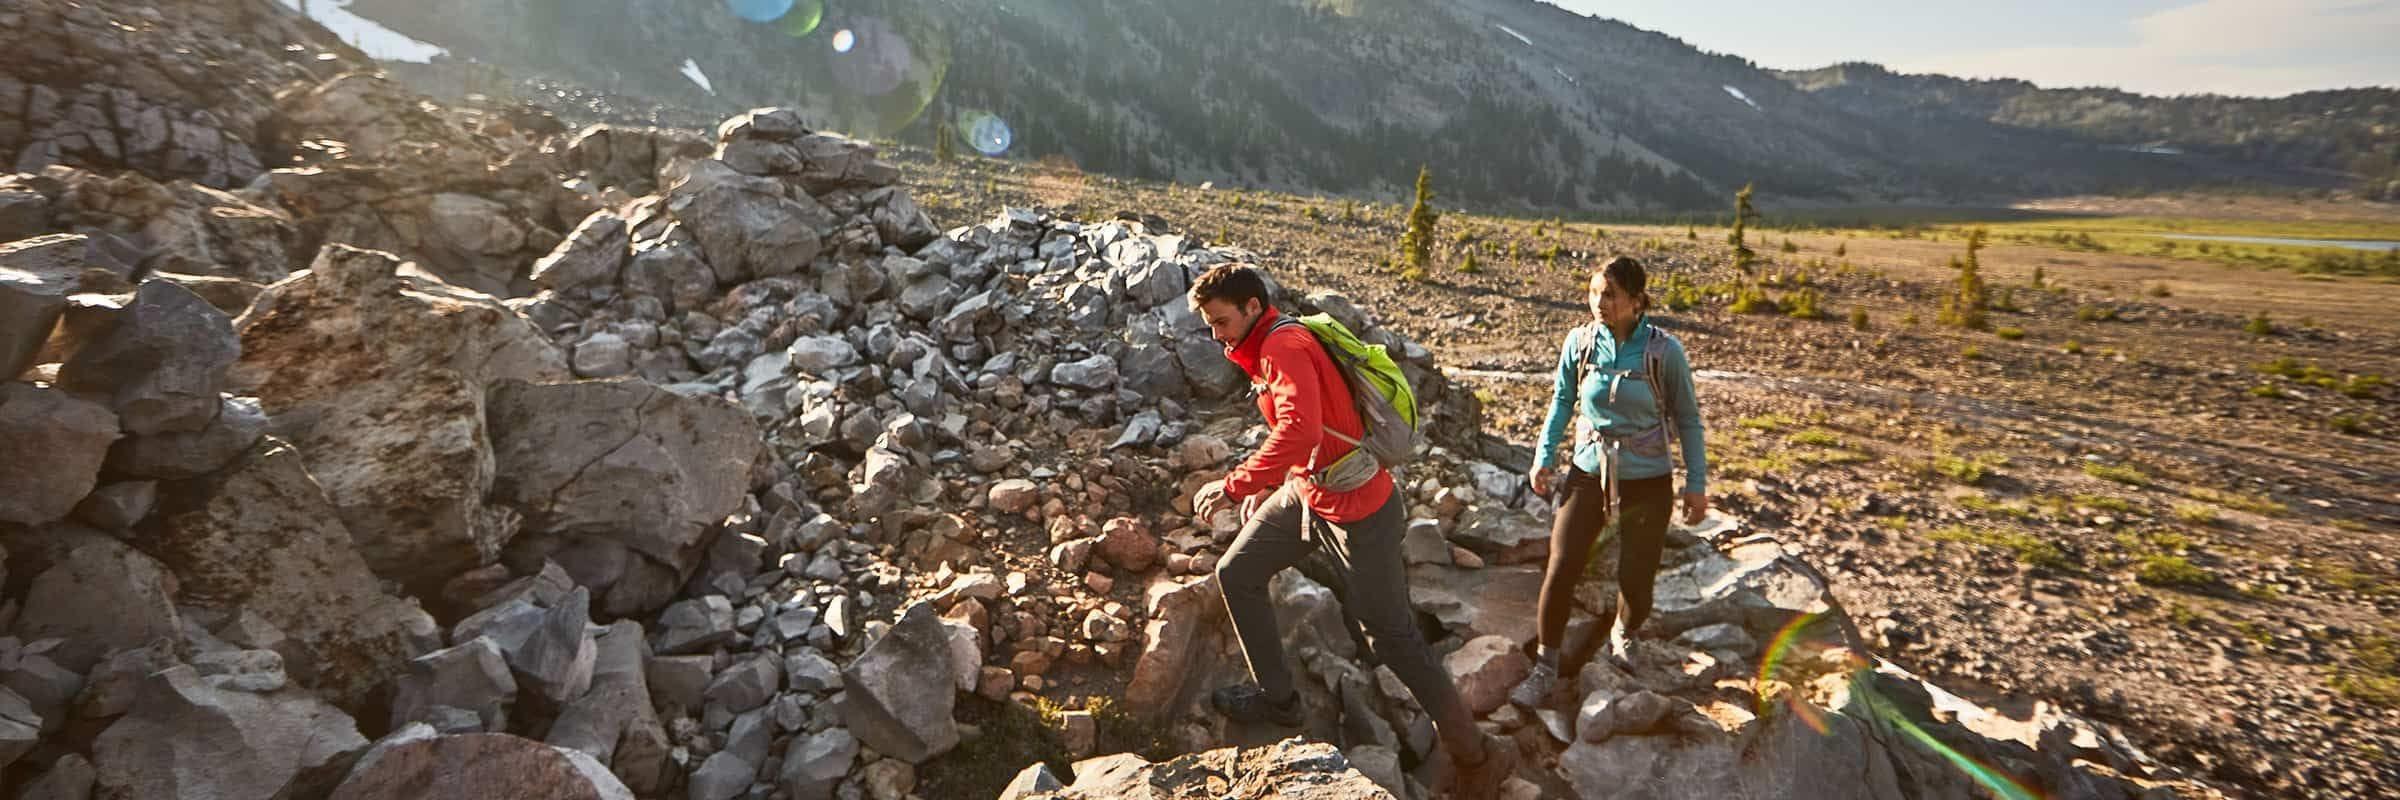 The North Face. Comment The North Face travaille à réduire son impact environnemental